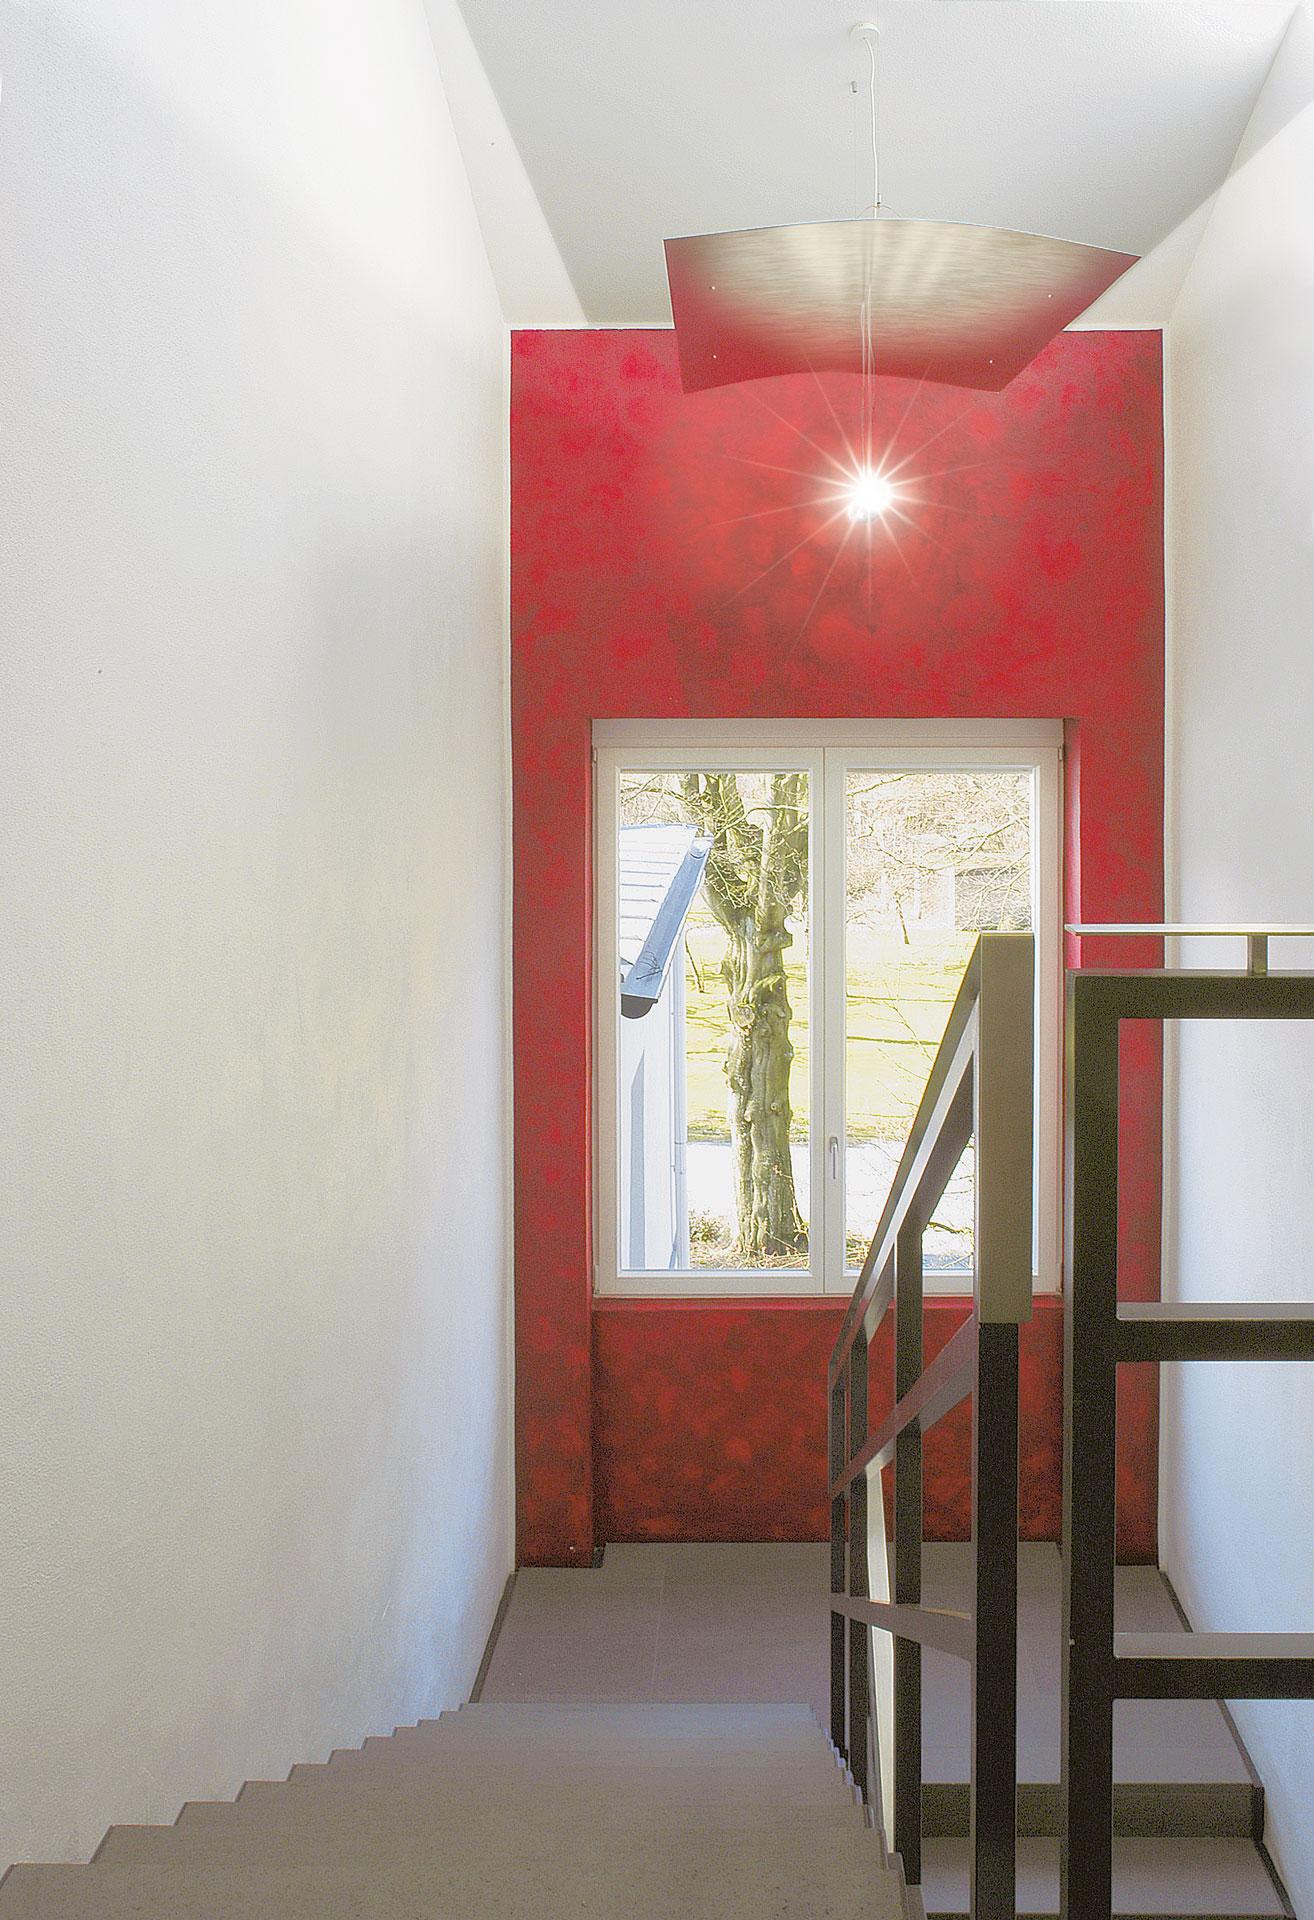 Treppenhaus - Maler Drewes